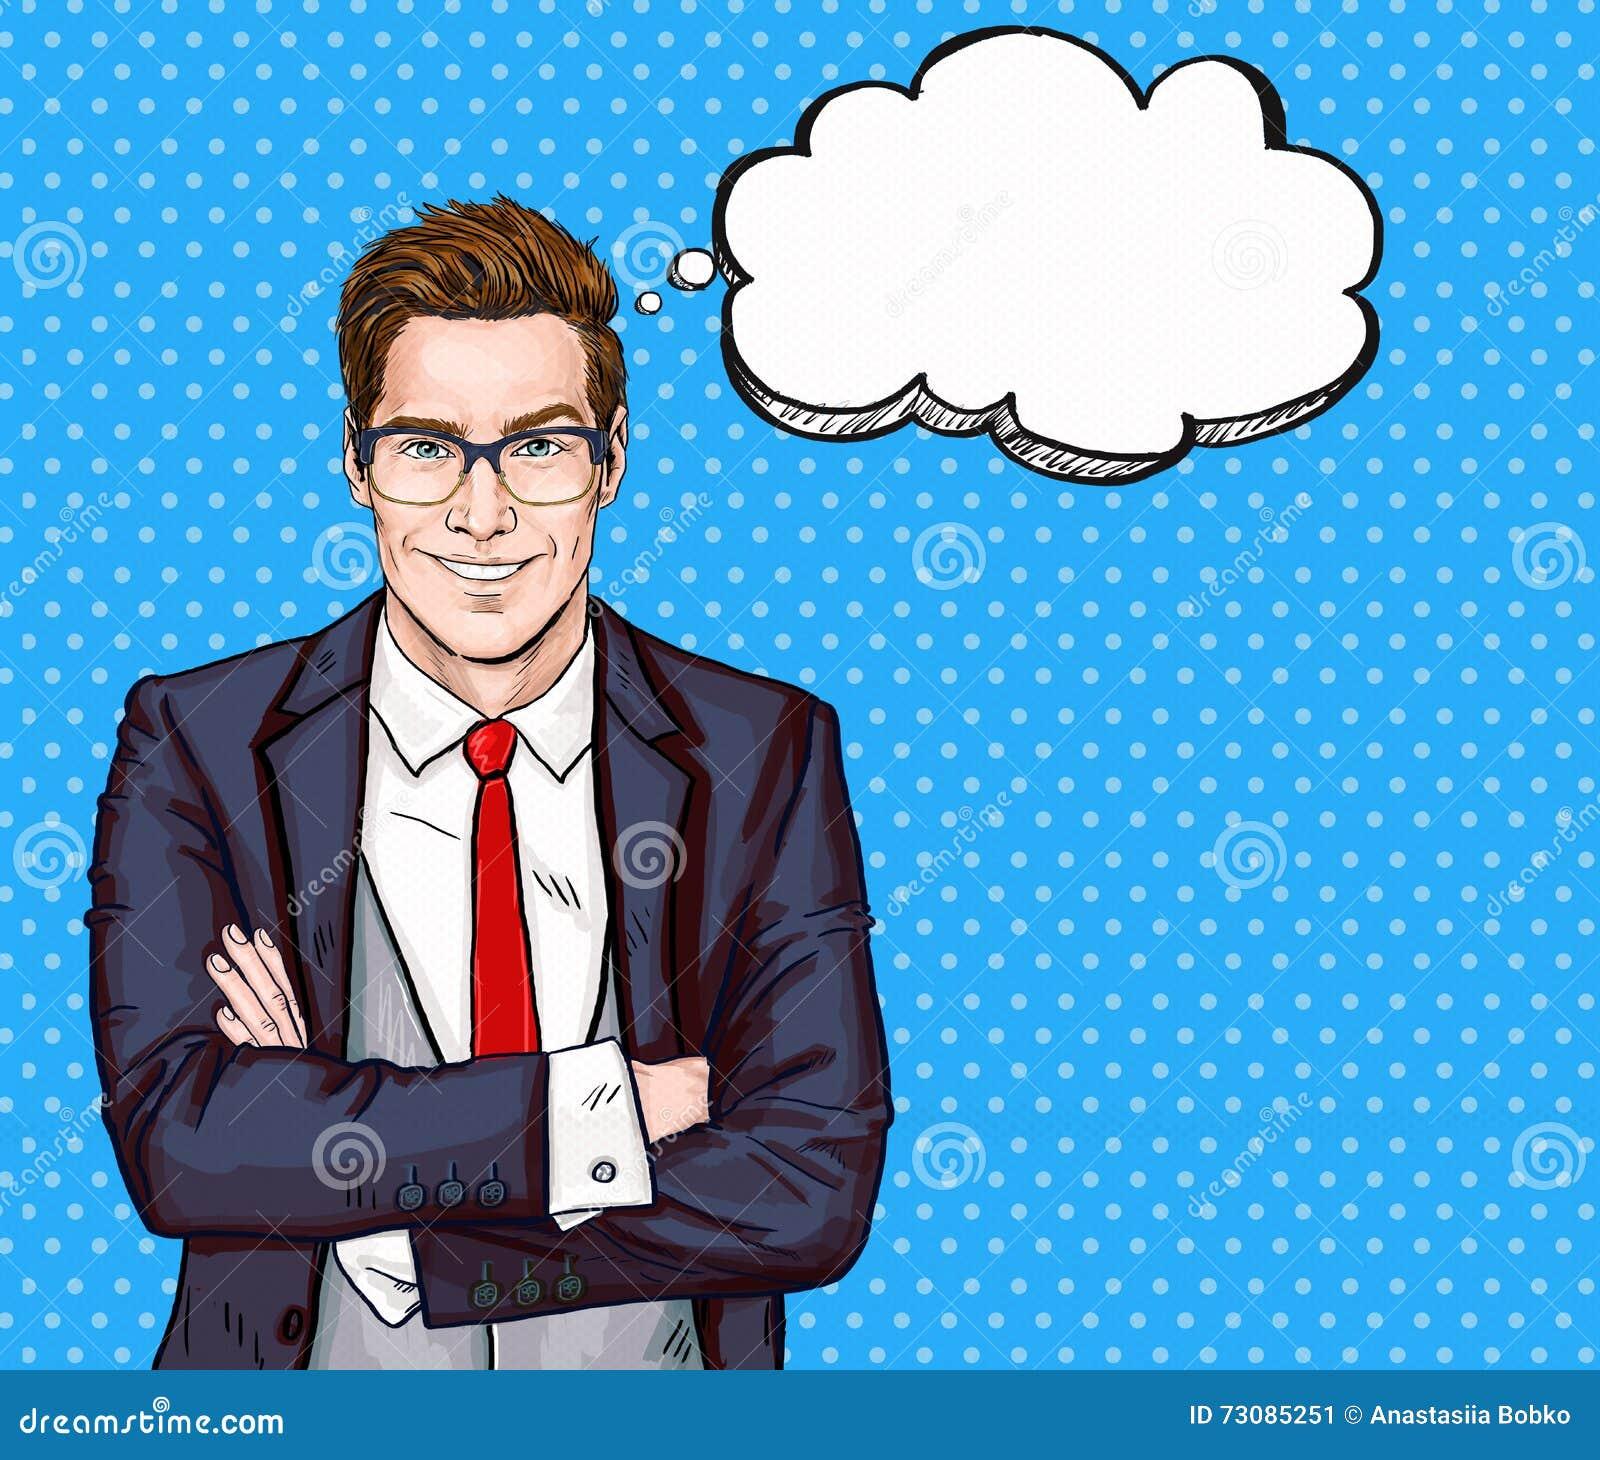 El hombre de negocios sonriente en vidrios en estilo cómico con discurso burbujea éxito